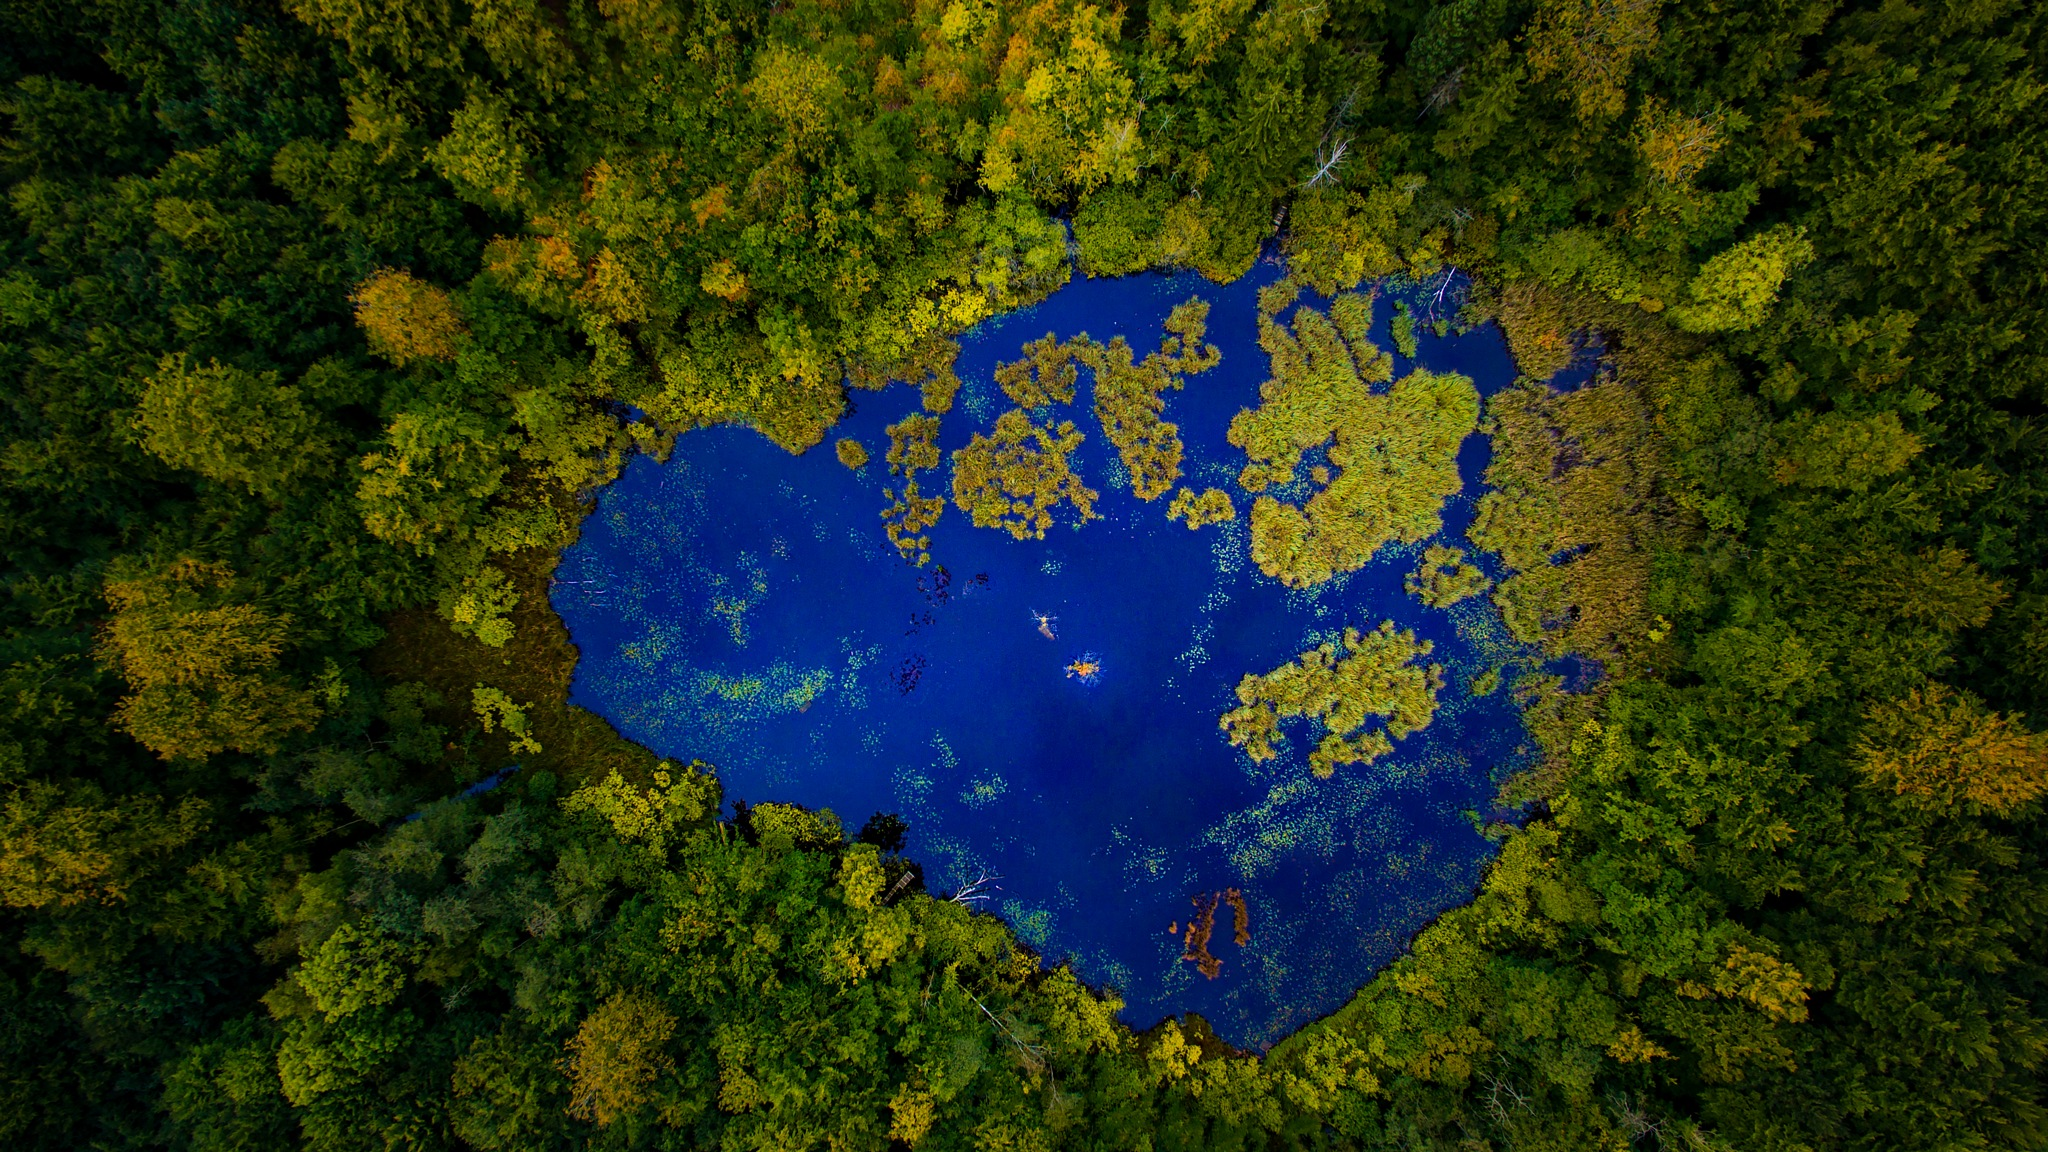 Azurite pond by Michael B. Rasmussen